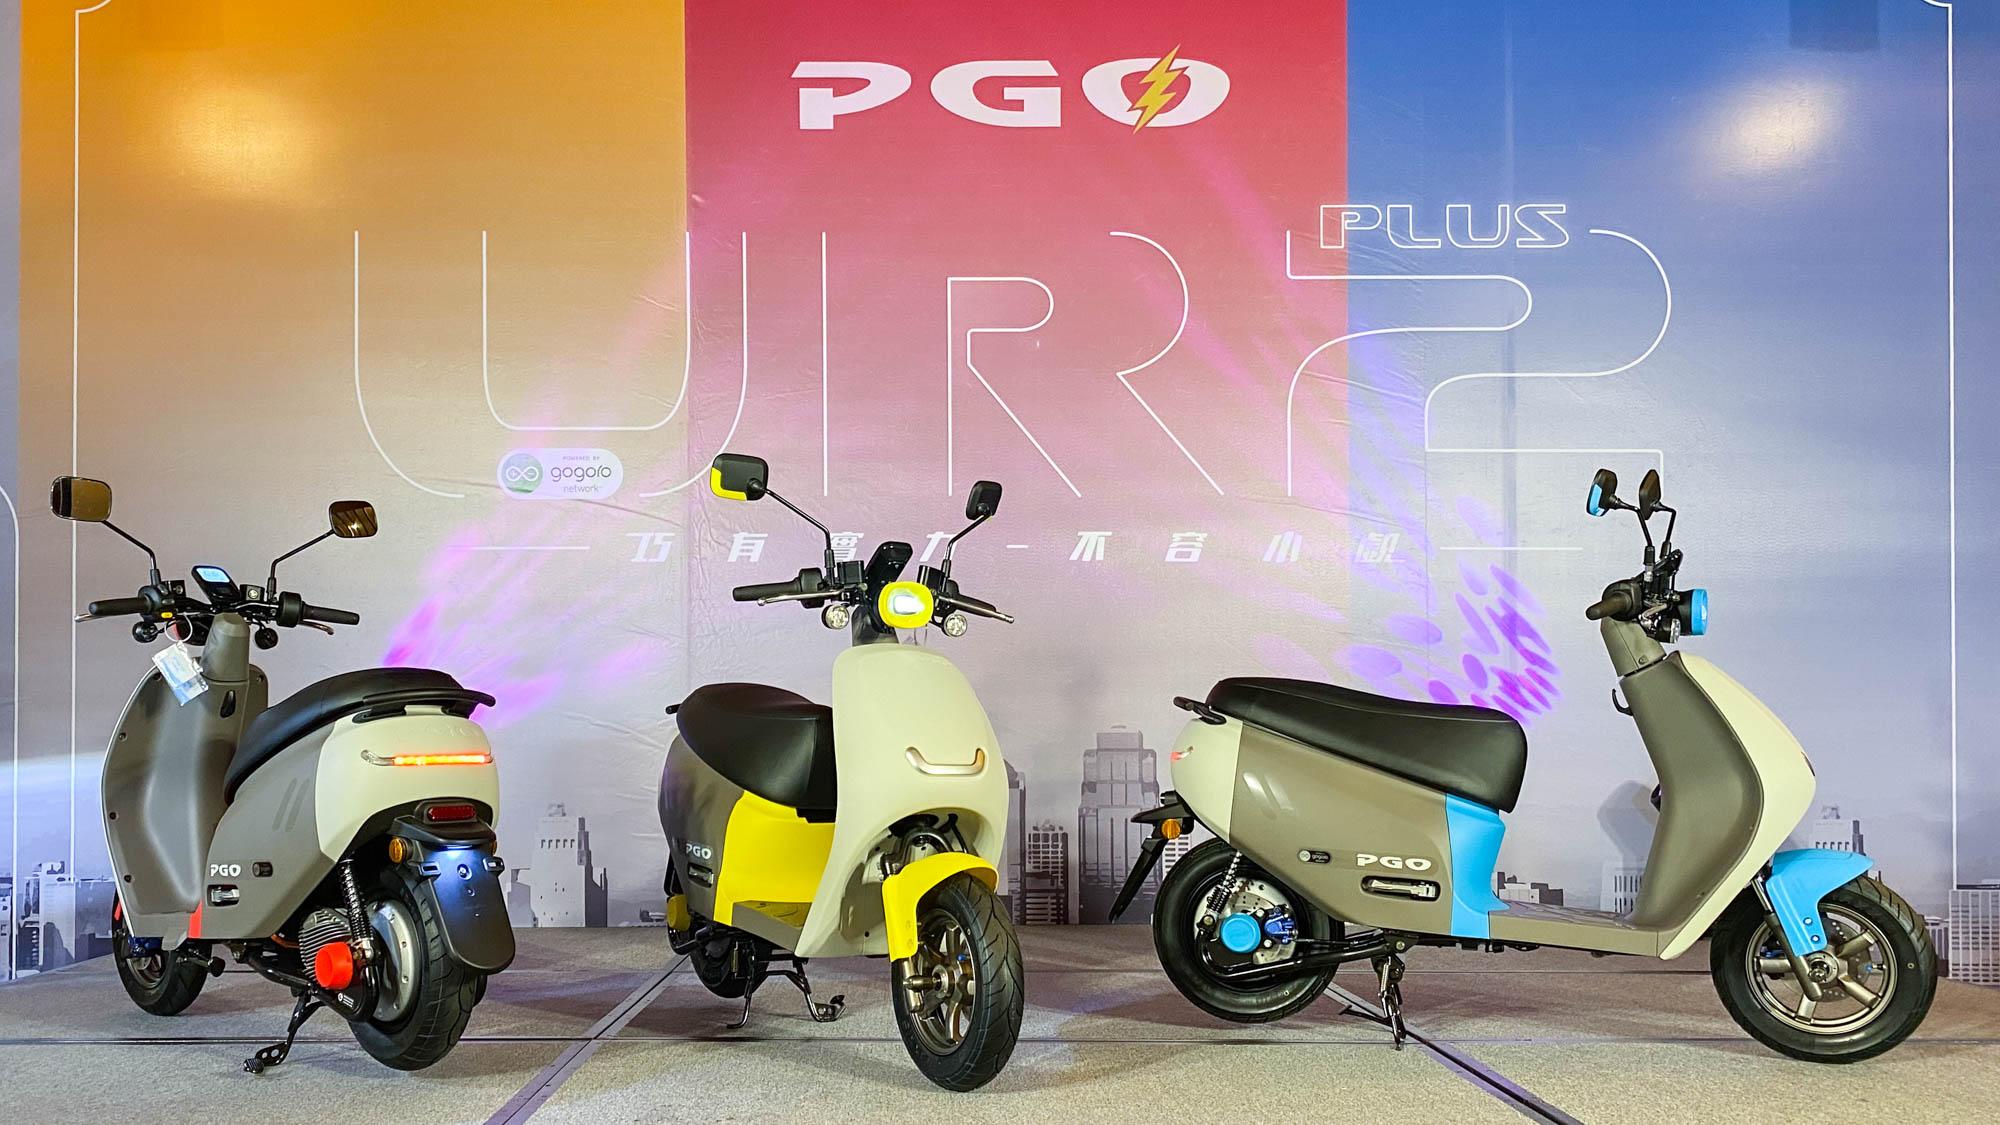 PBGN 聯盟第二款綠牌電車!PGO Ur2 Plus 58,980 元起上市